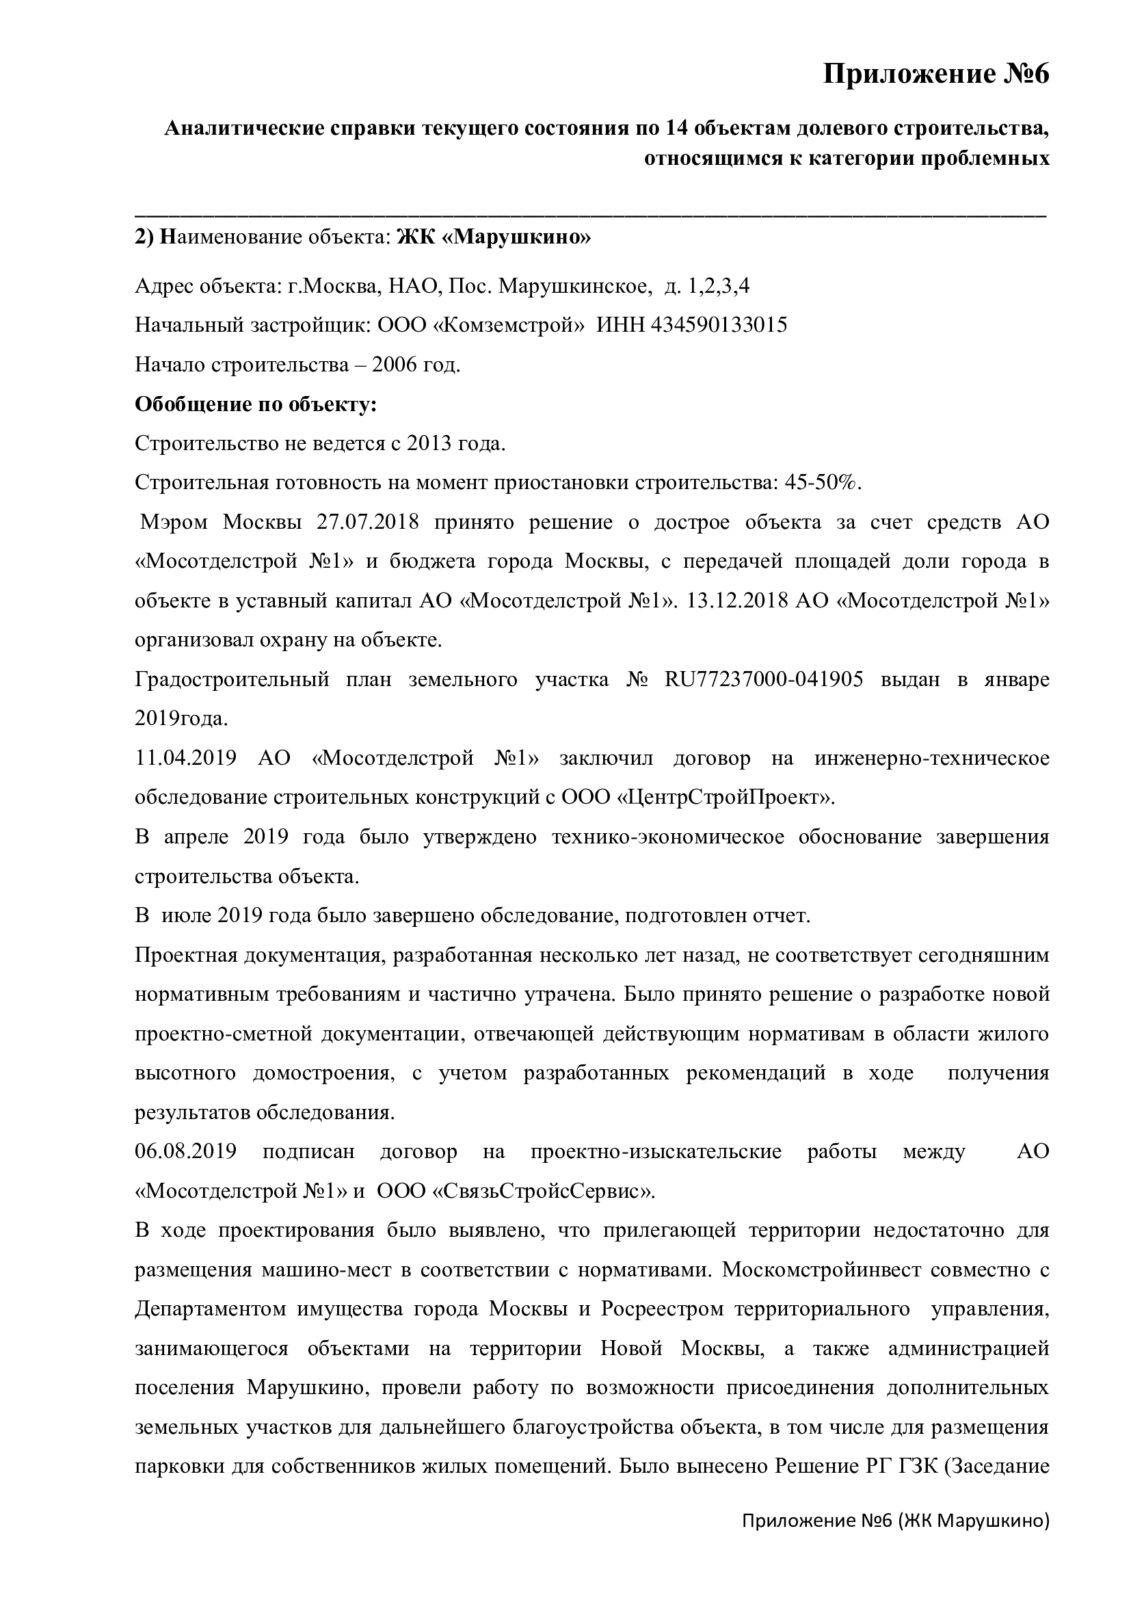 """Аналитическая справка о текущем состоянии достройки ЖК """"Марушкино"""""""